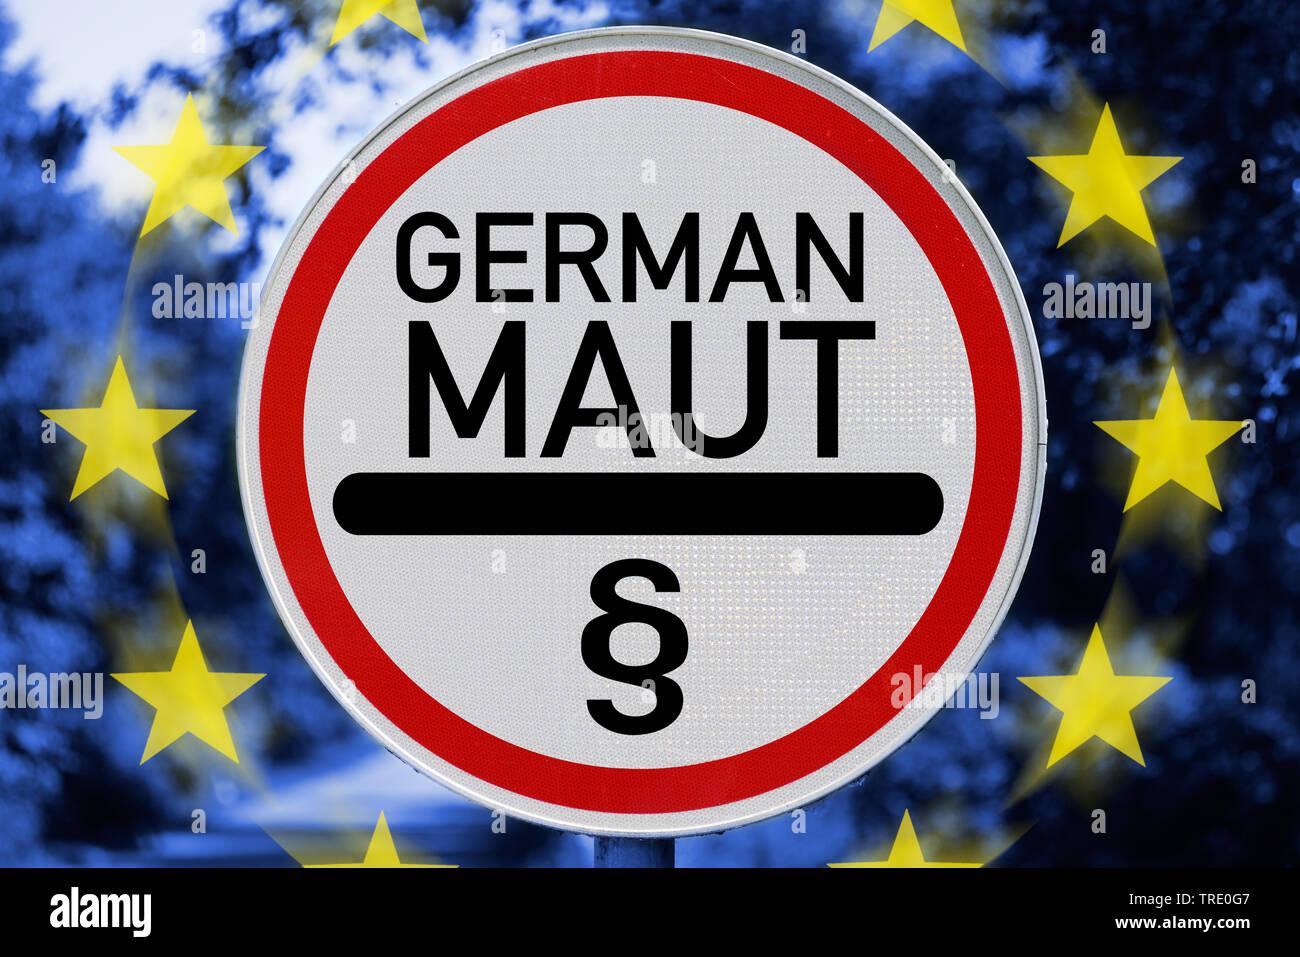 Verbotsschild GERMAN MAUT (Deutsche Maut-Gebuehr) vor einer Europaflagge , Deutschland | Prohibition sign GERMAN MAUT (German road toll) in front of a - Stock Image